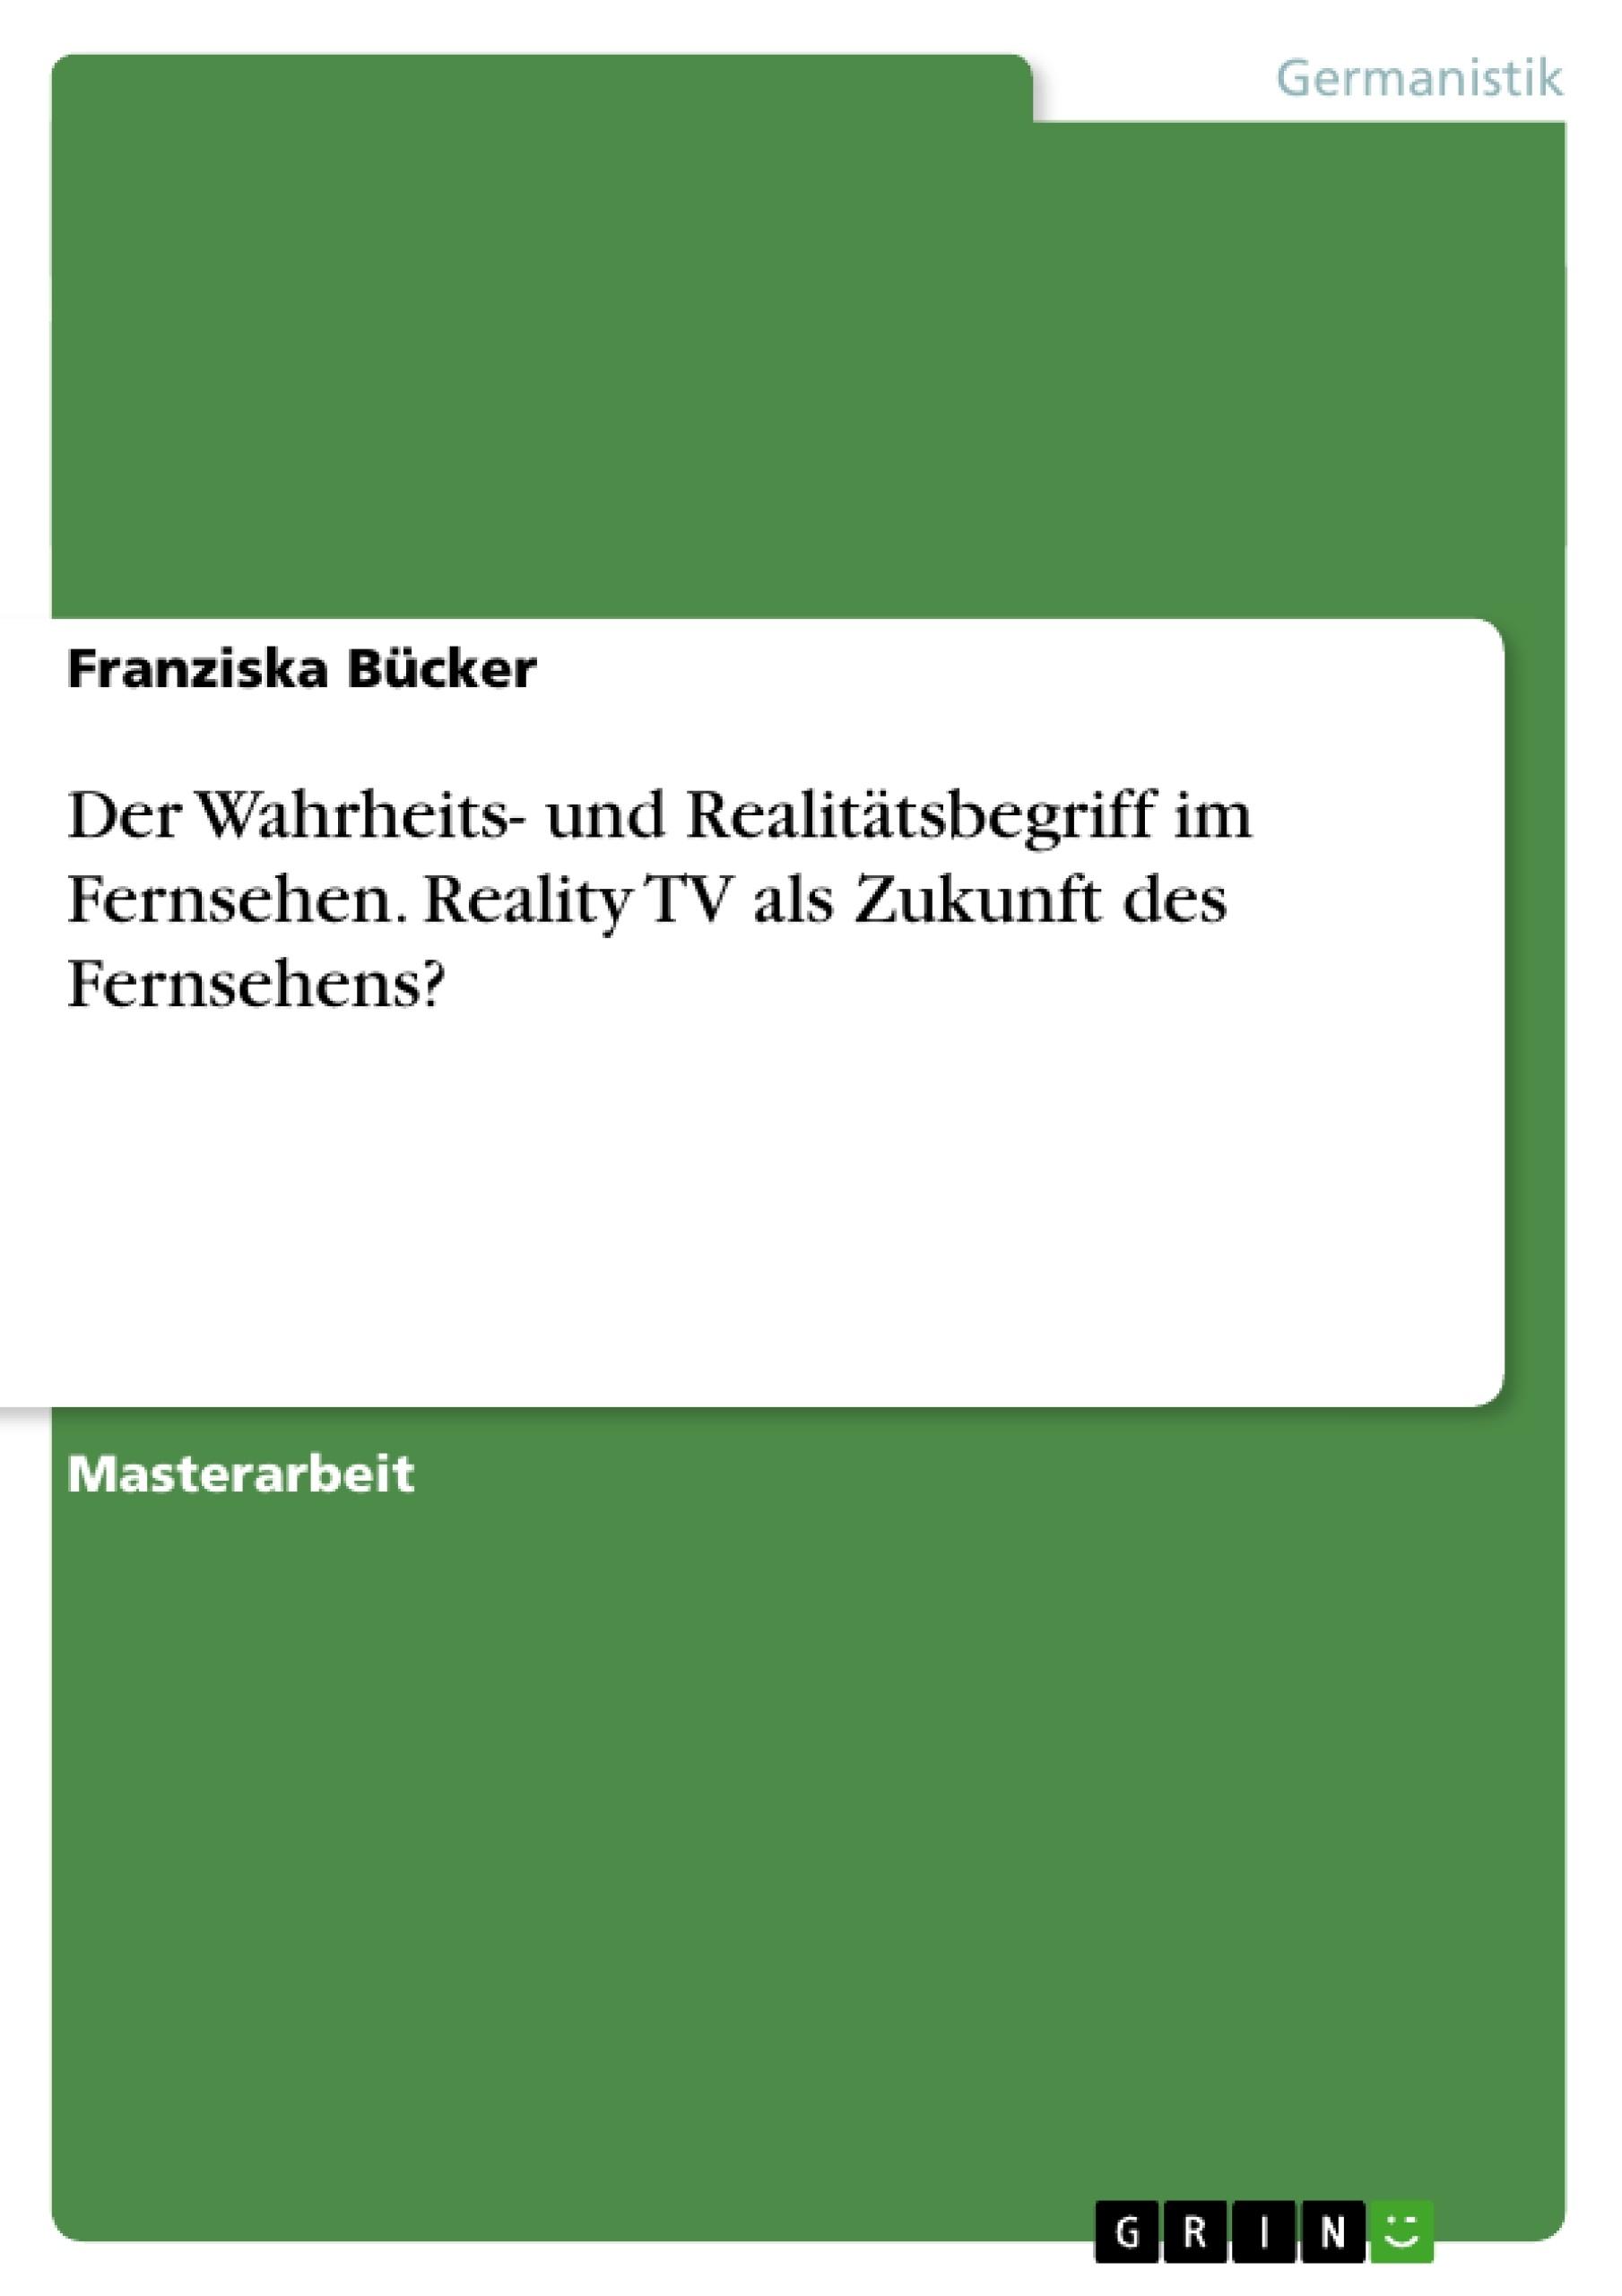 Titel: Der Wahrheits- und Realitätsbegriff im Fernsehen. Reality TV als Zukunft des Fernsehens?